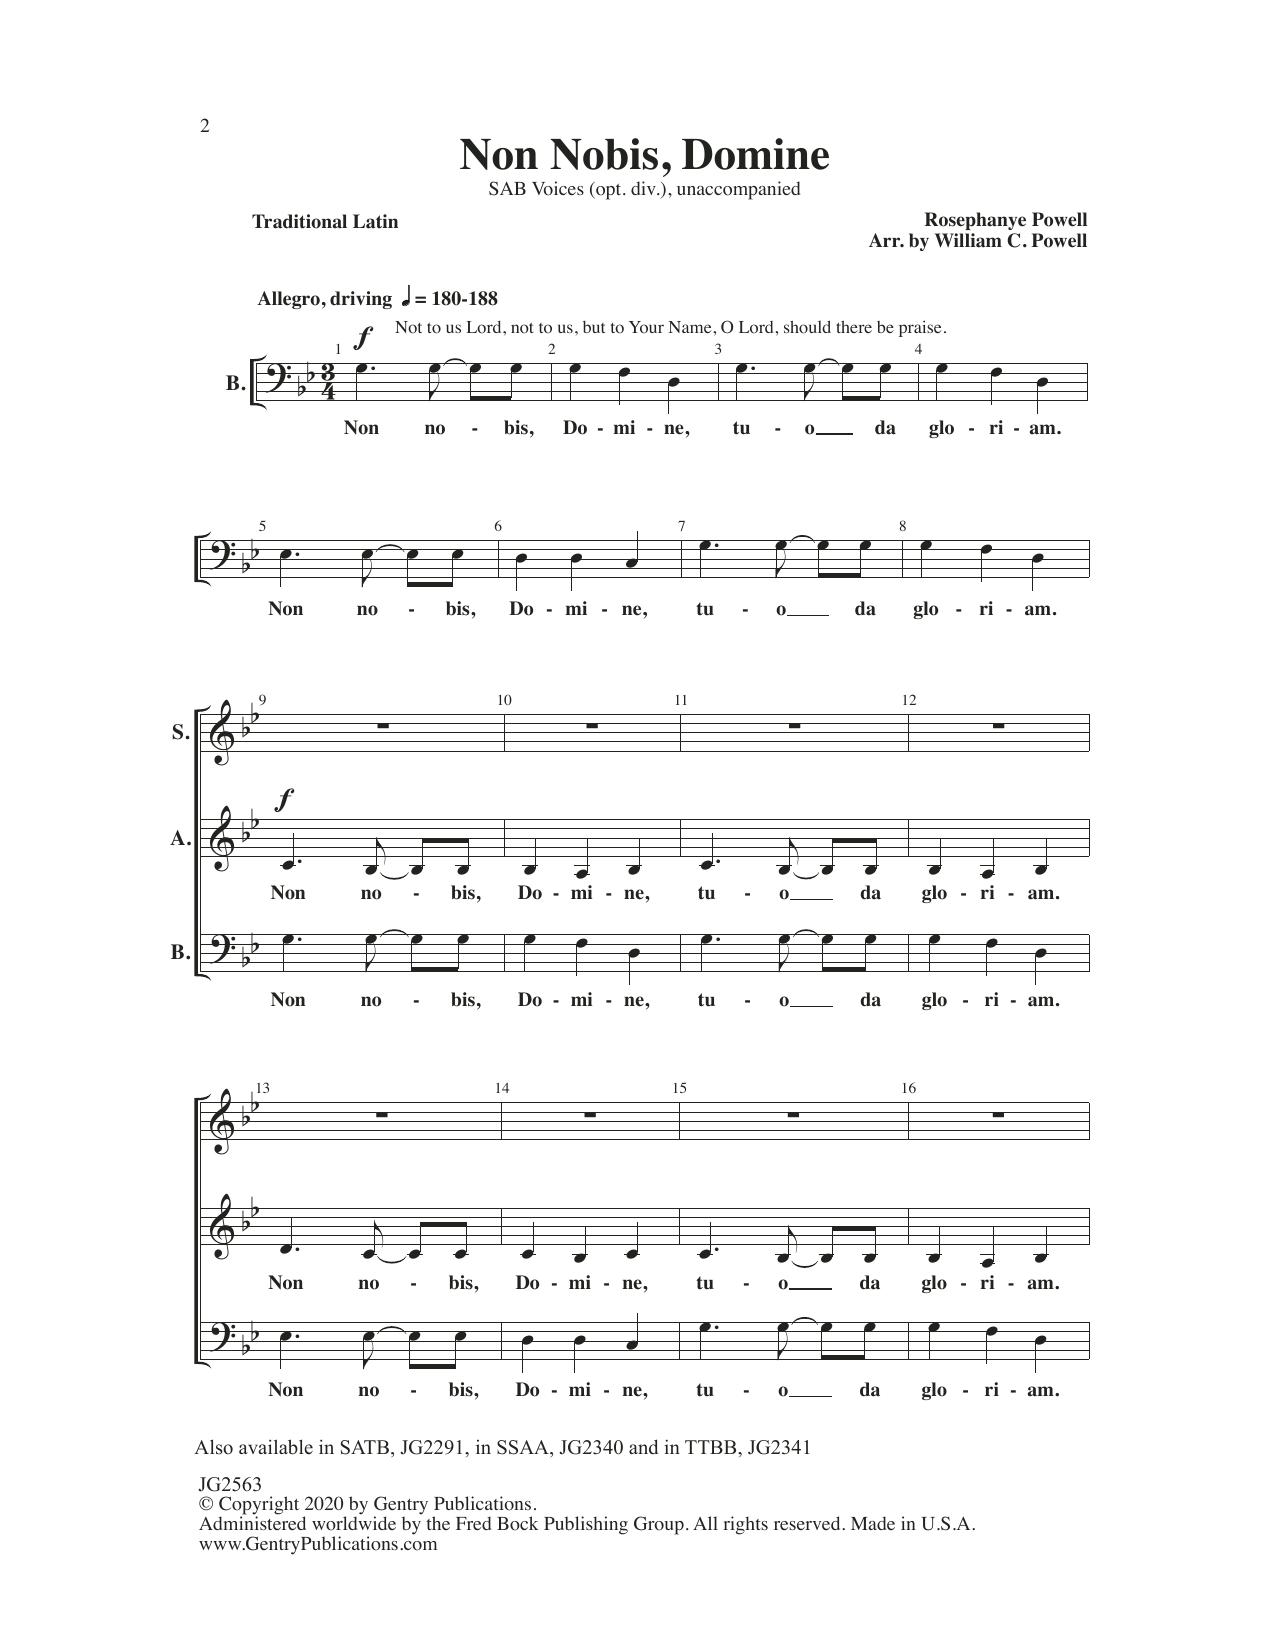 Non Nobis, Domine (arr. William C. Powell) Sheet Music